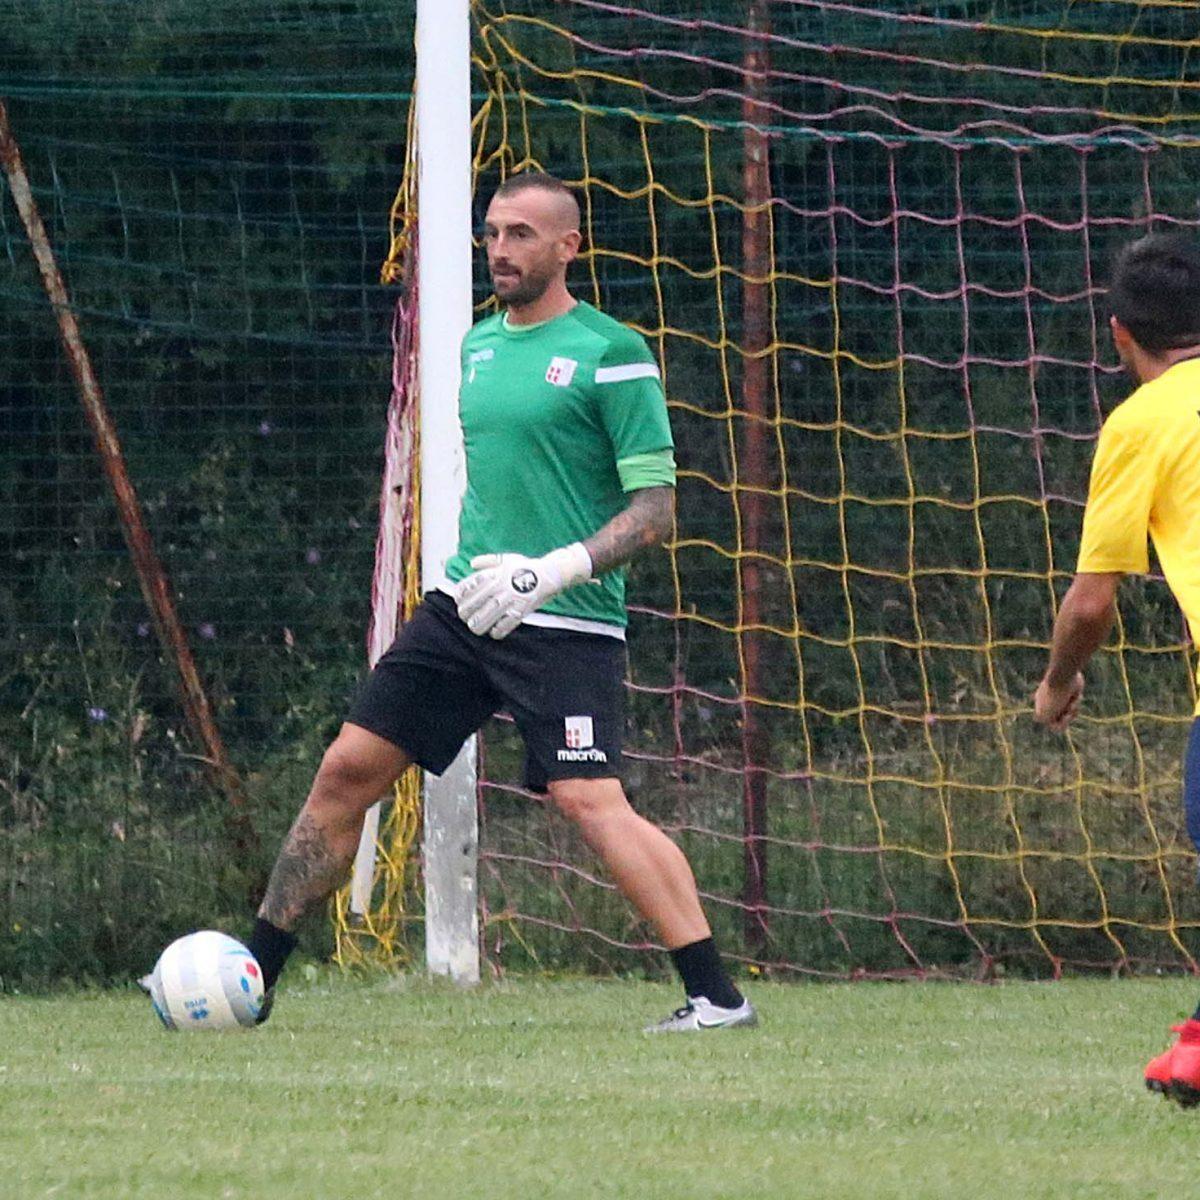 Calcio, Rimini-Scotti: fine della storia d'amore